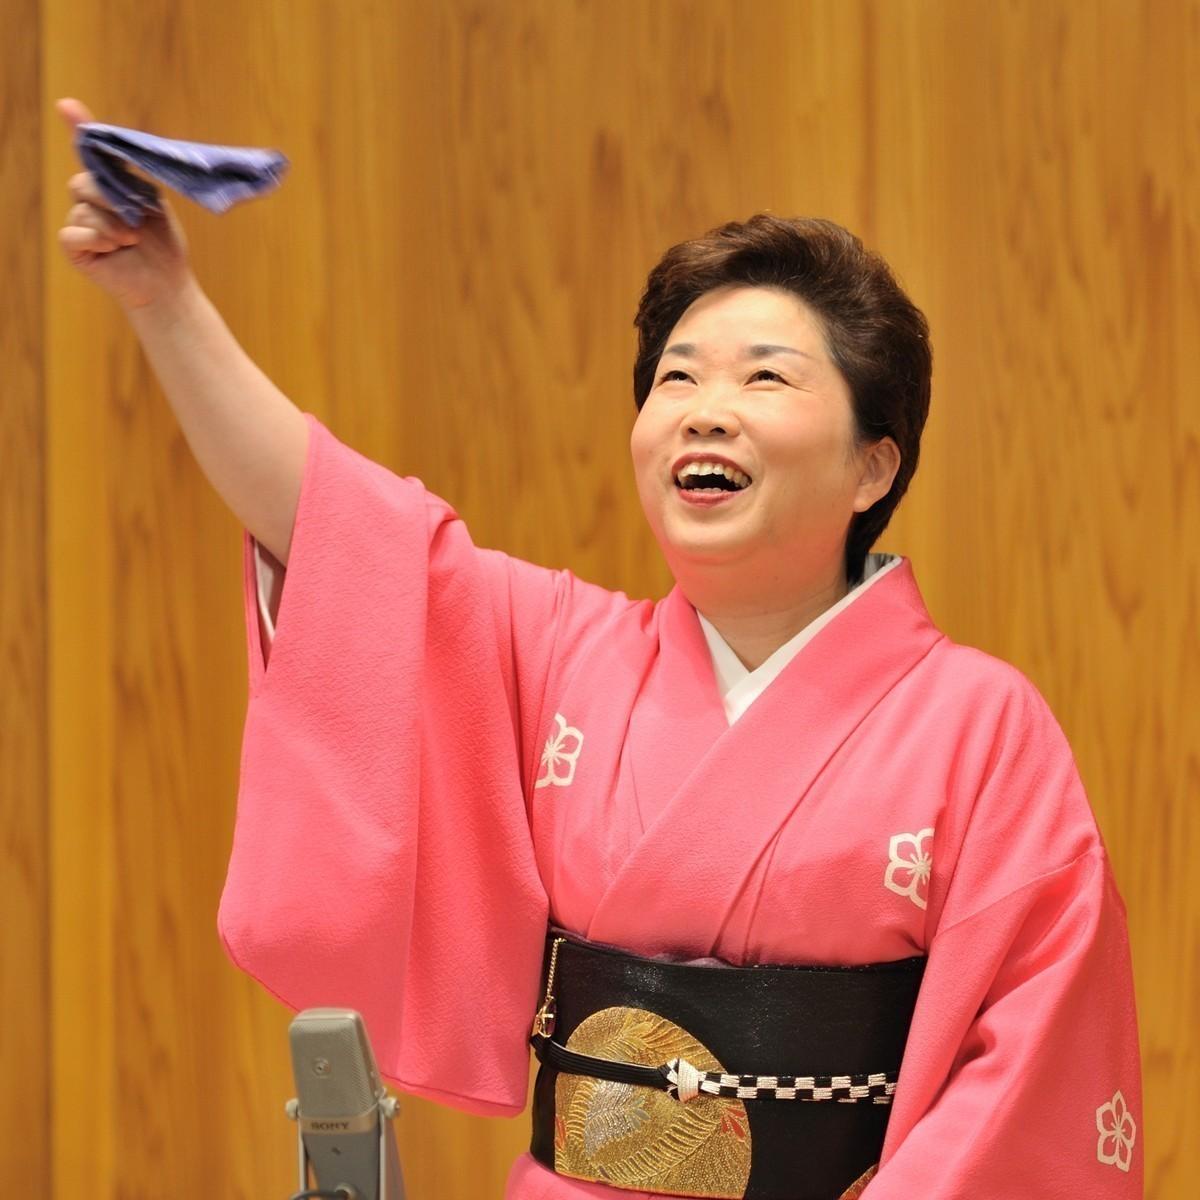 「落語」という男社会で道を開く――日本初の女流落語家・露の都さんインタビュー